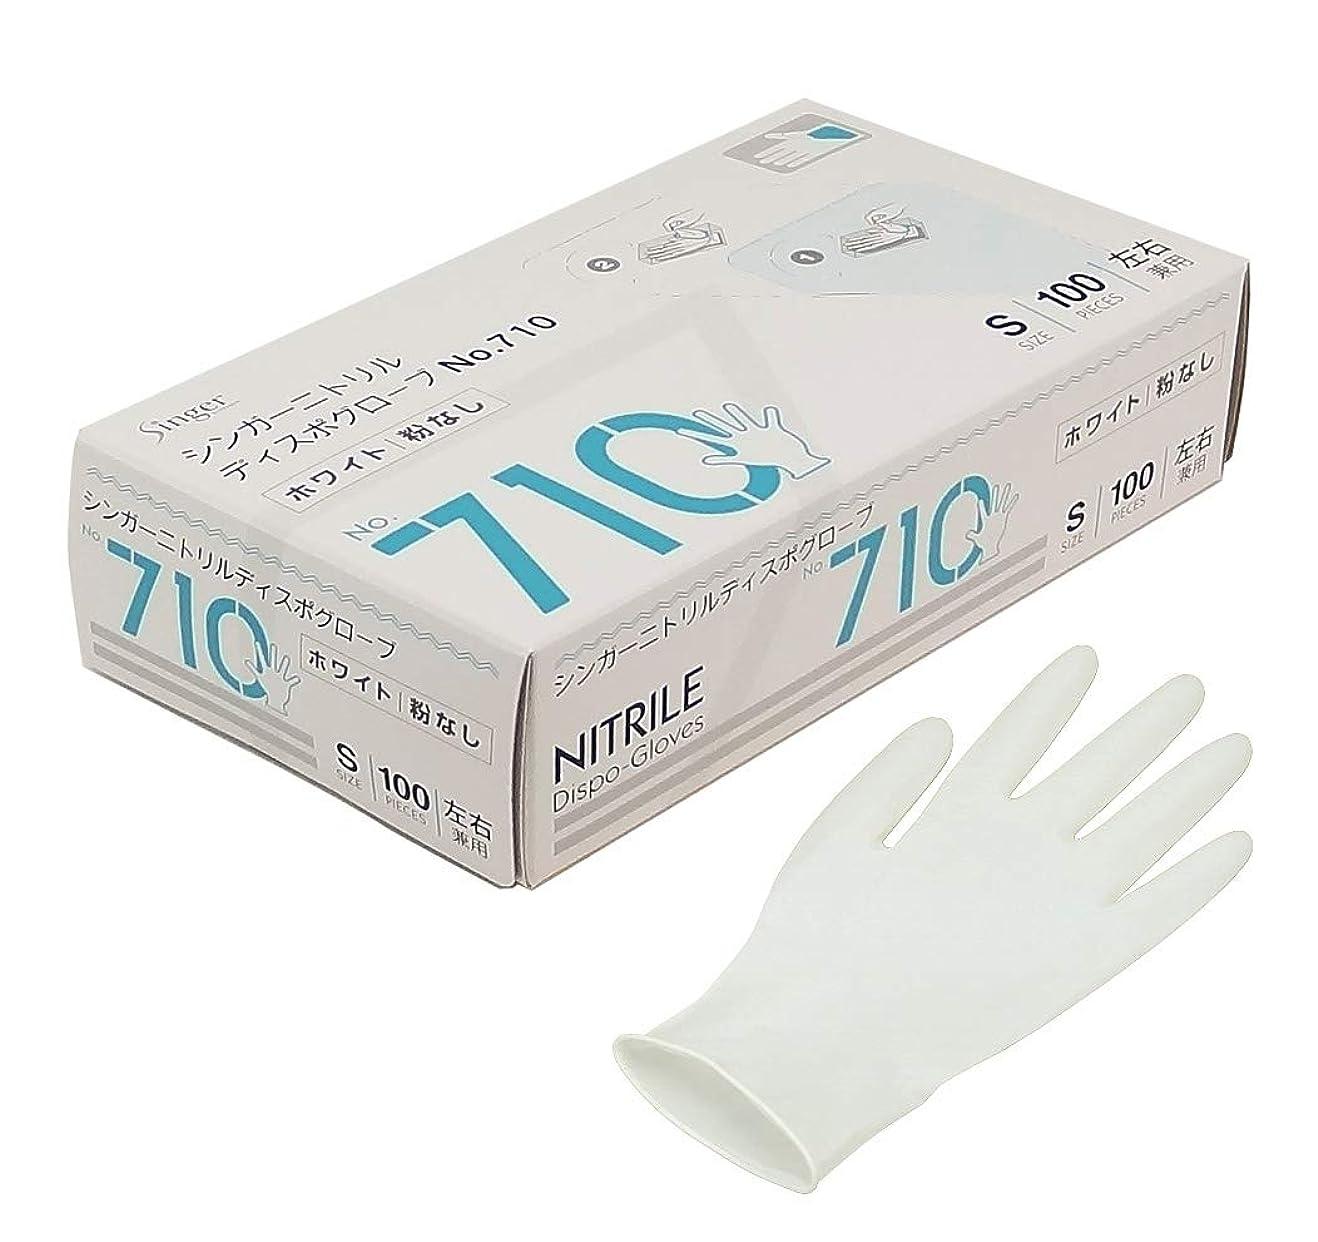 慣性シャベル相反するシンガー ニトリルディスポグローブ(手袋) No.710 ホワイト パウダーフリー(100枚) S